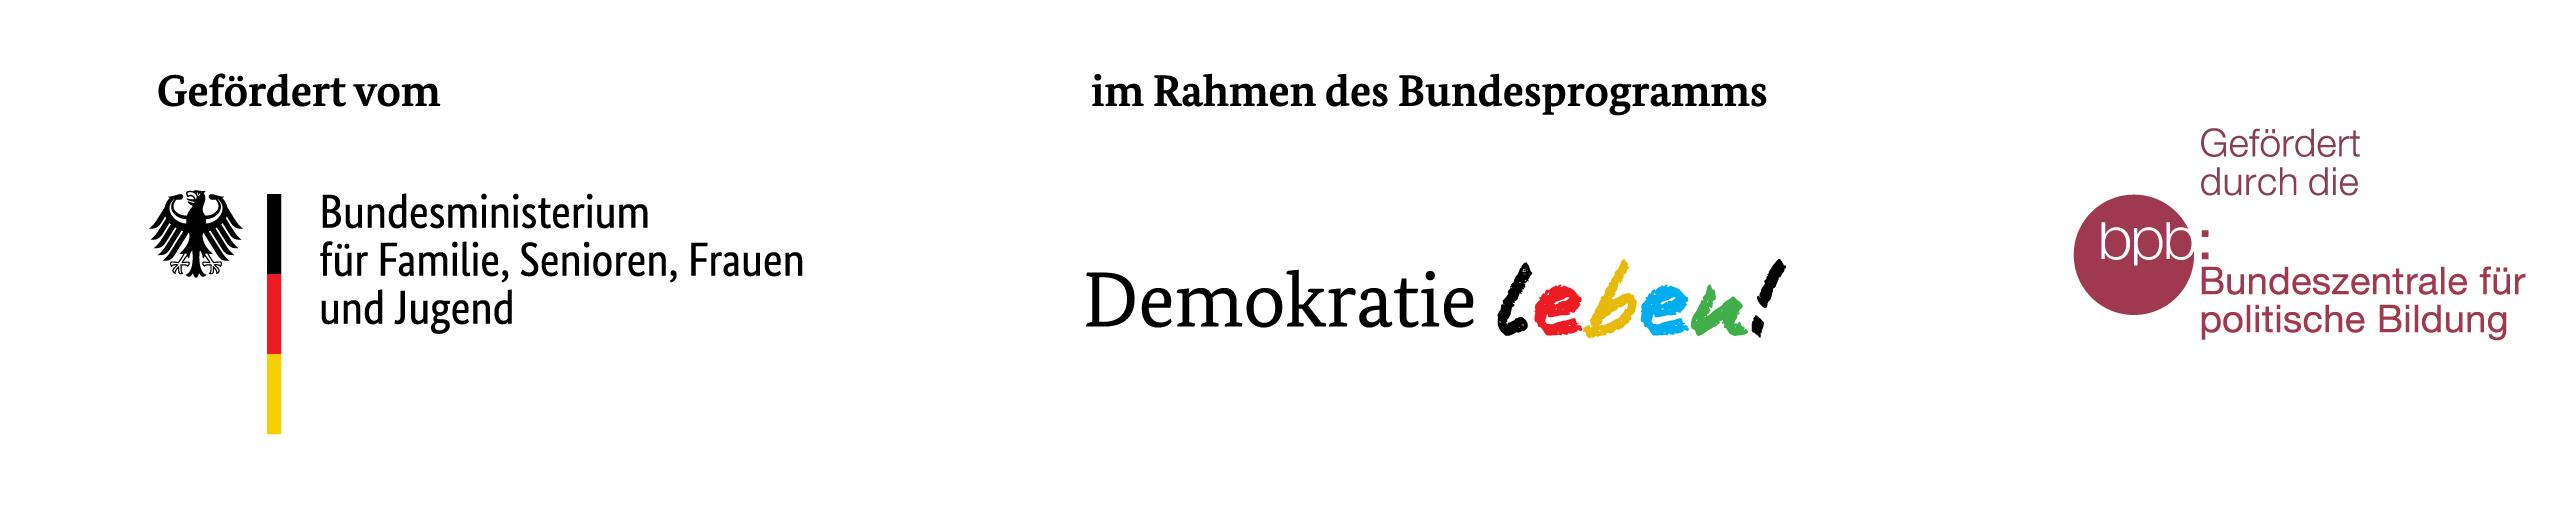 """Logos: Programm """"Demokratie leben!, Bundesministerium für Familie, Senioren, Frauen und Jugend, Bundeszentrale für politische Bildung"""